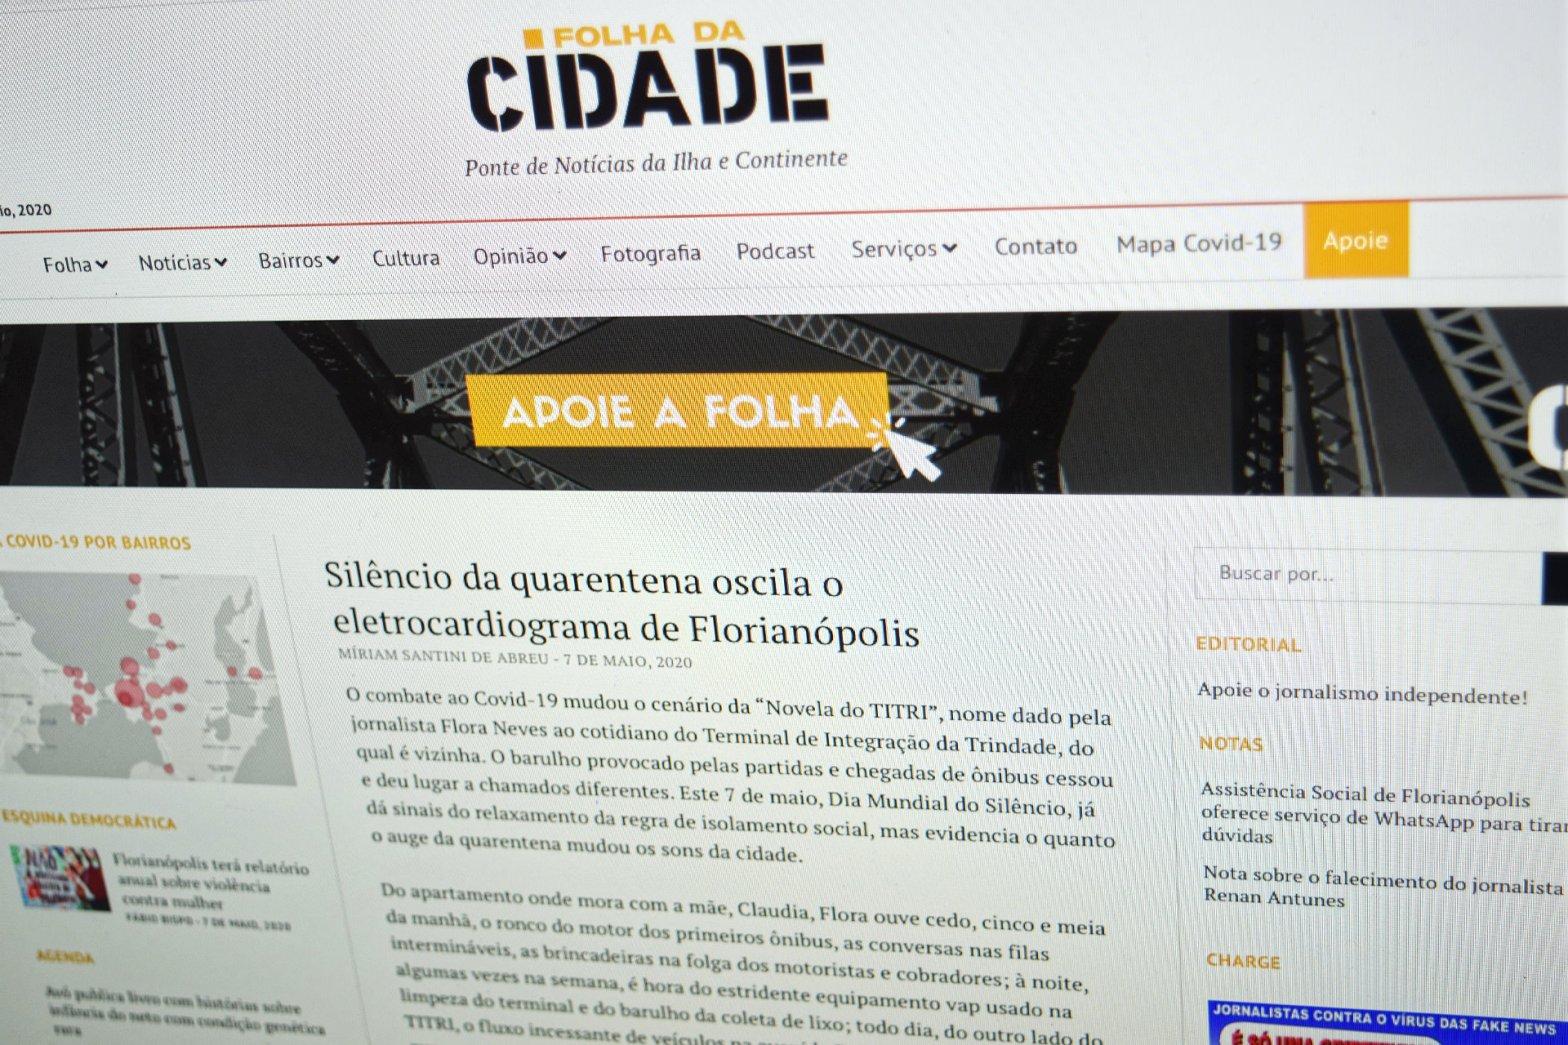 Fotografia da tela do computador com o artigo da Folha da Cidade